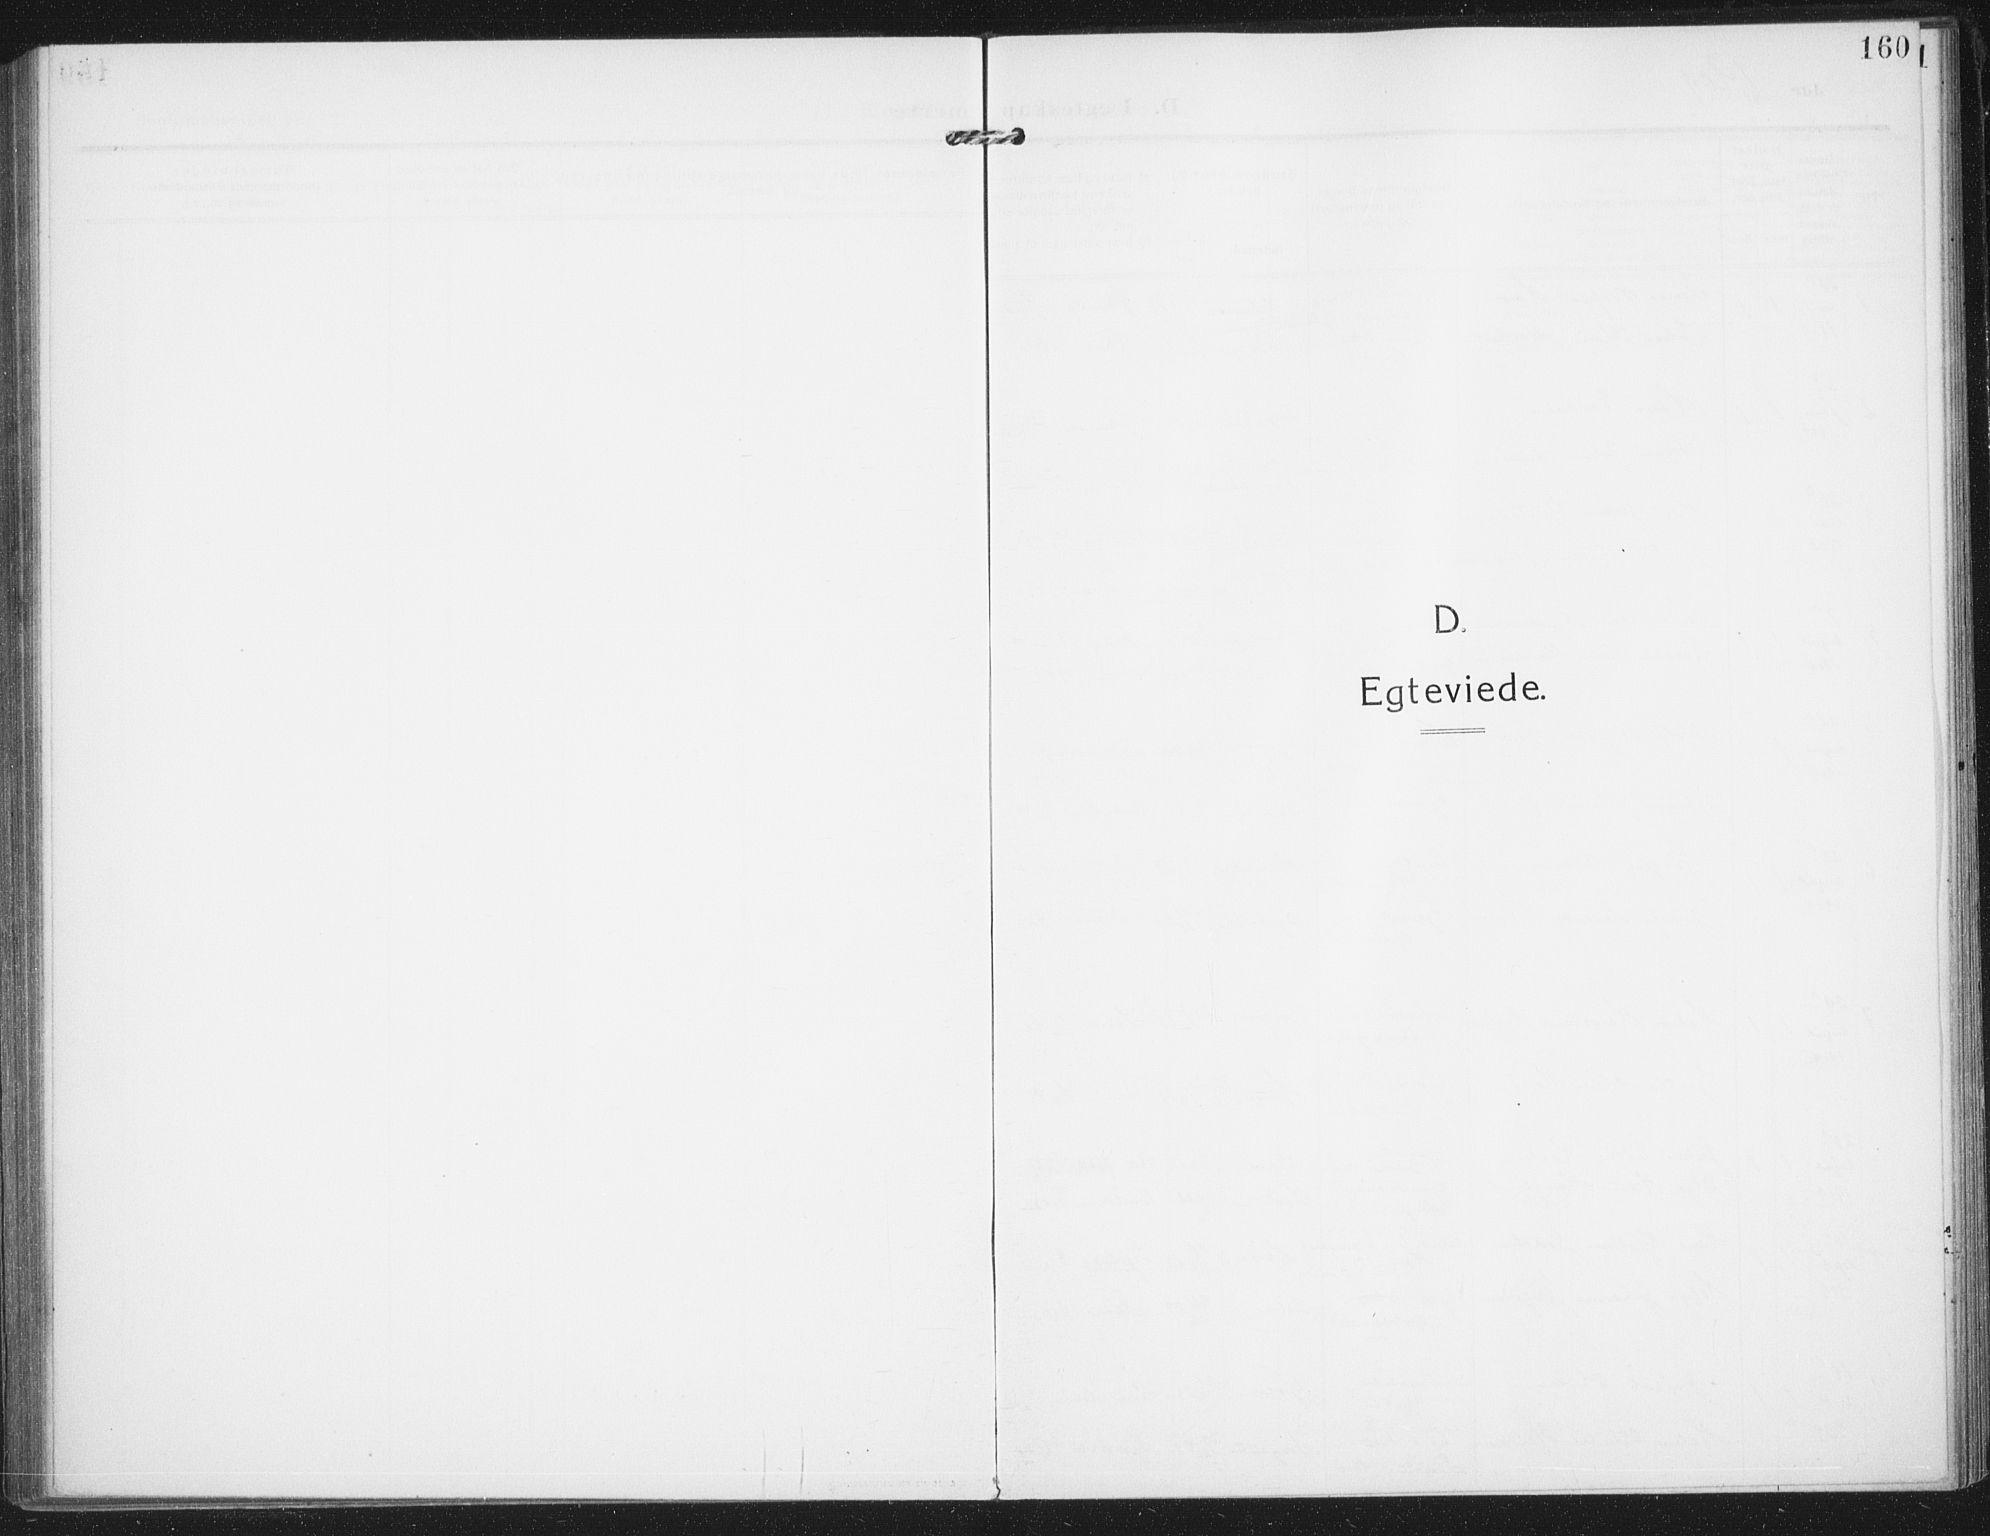 SAO, Rolvsøy prestekontor Kirkebøker, F/Fa/L0002: Ministerialbok nr. 2, 1909-1917, s. 160